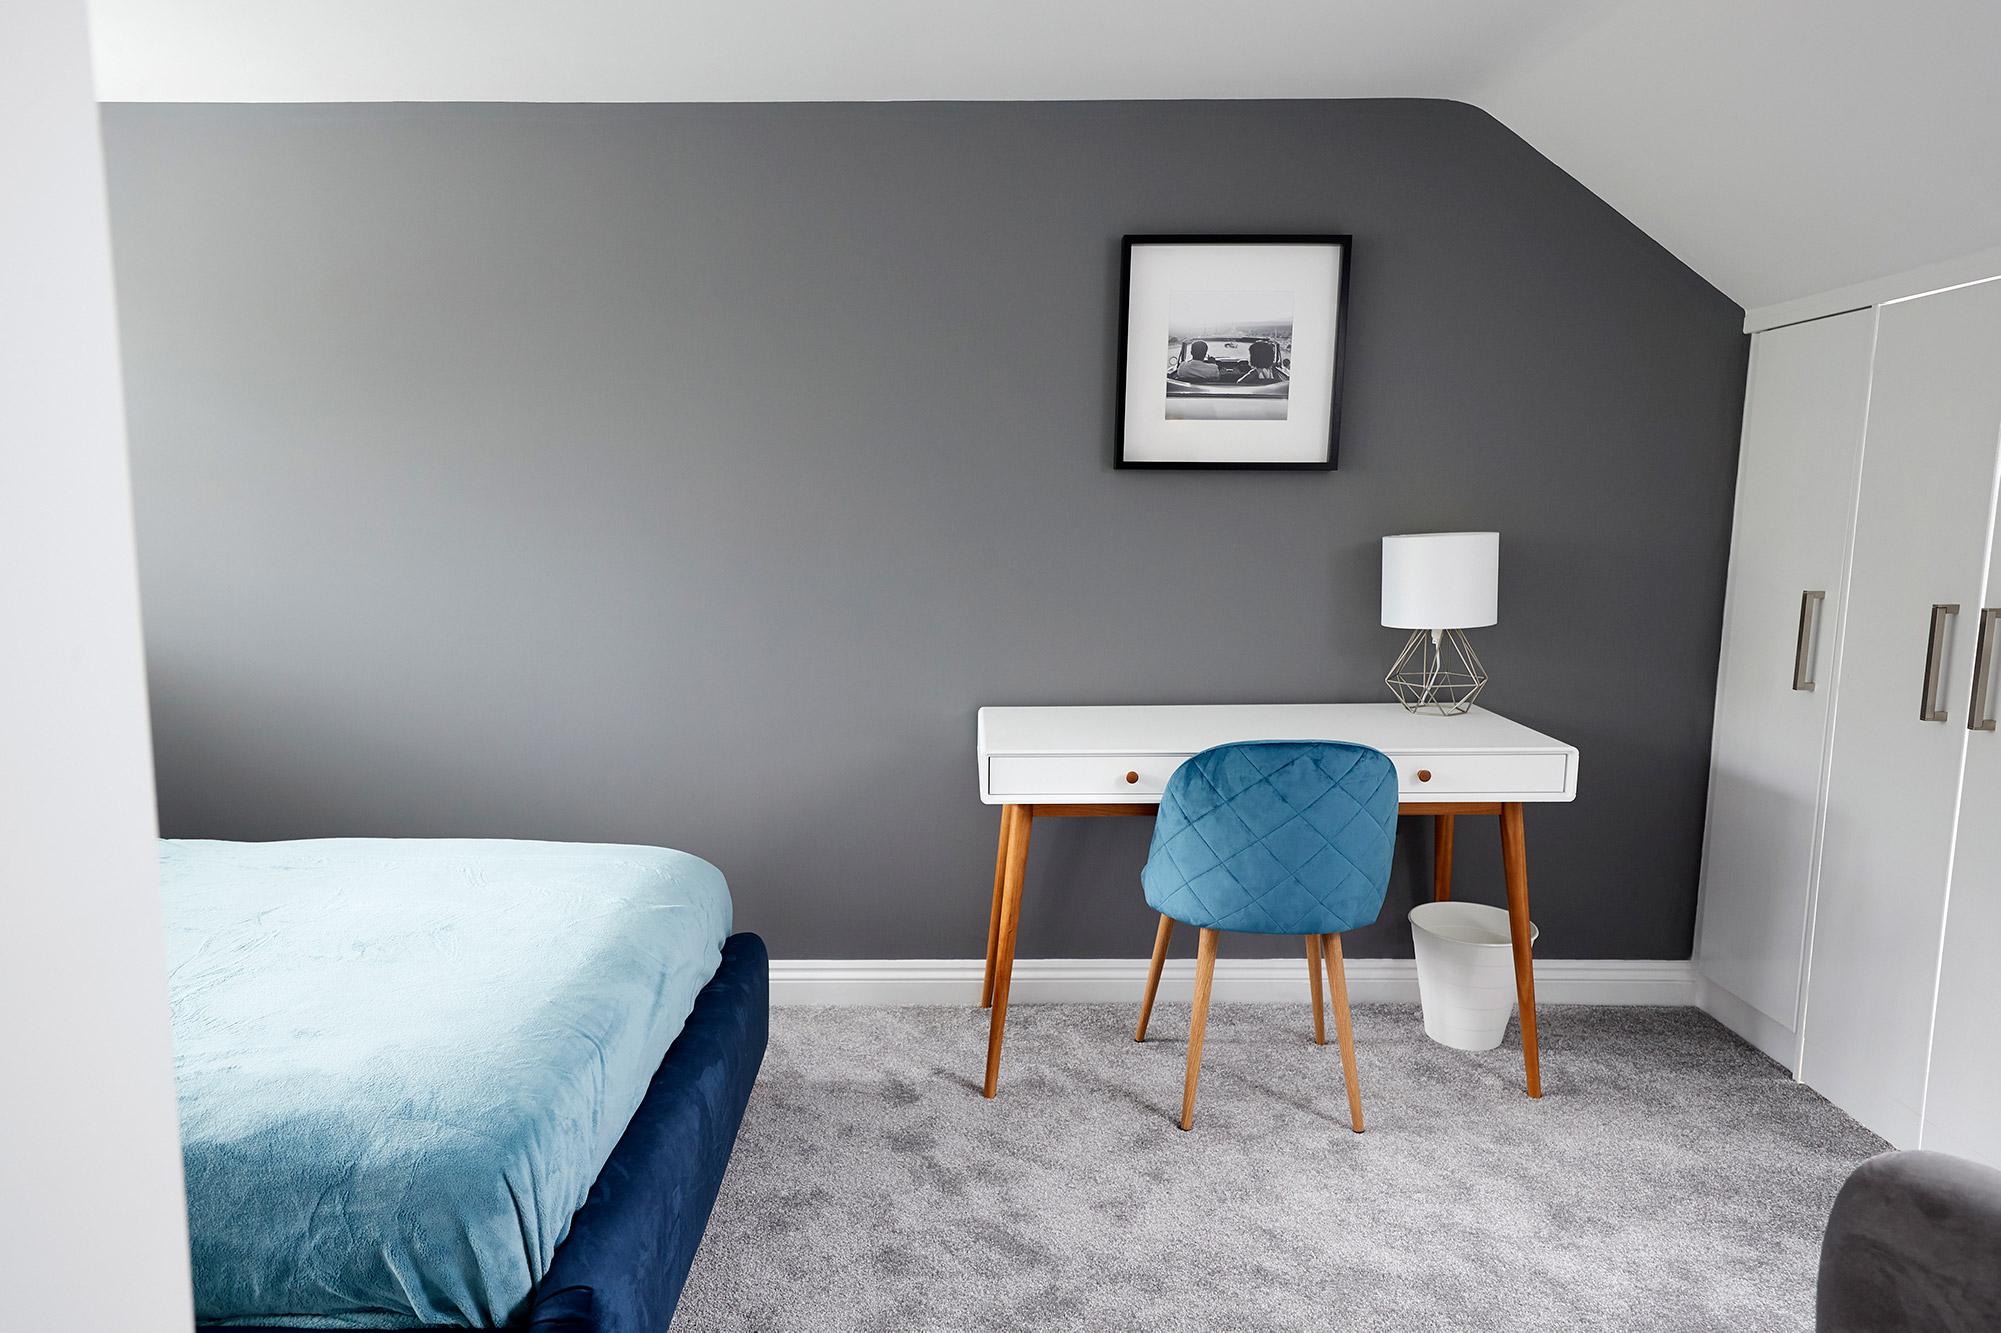 interior-of-a-house-loft-conversion-bedroom-2VAX3RT.jpg